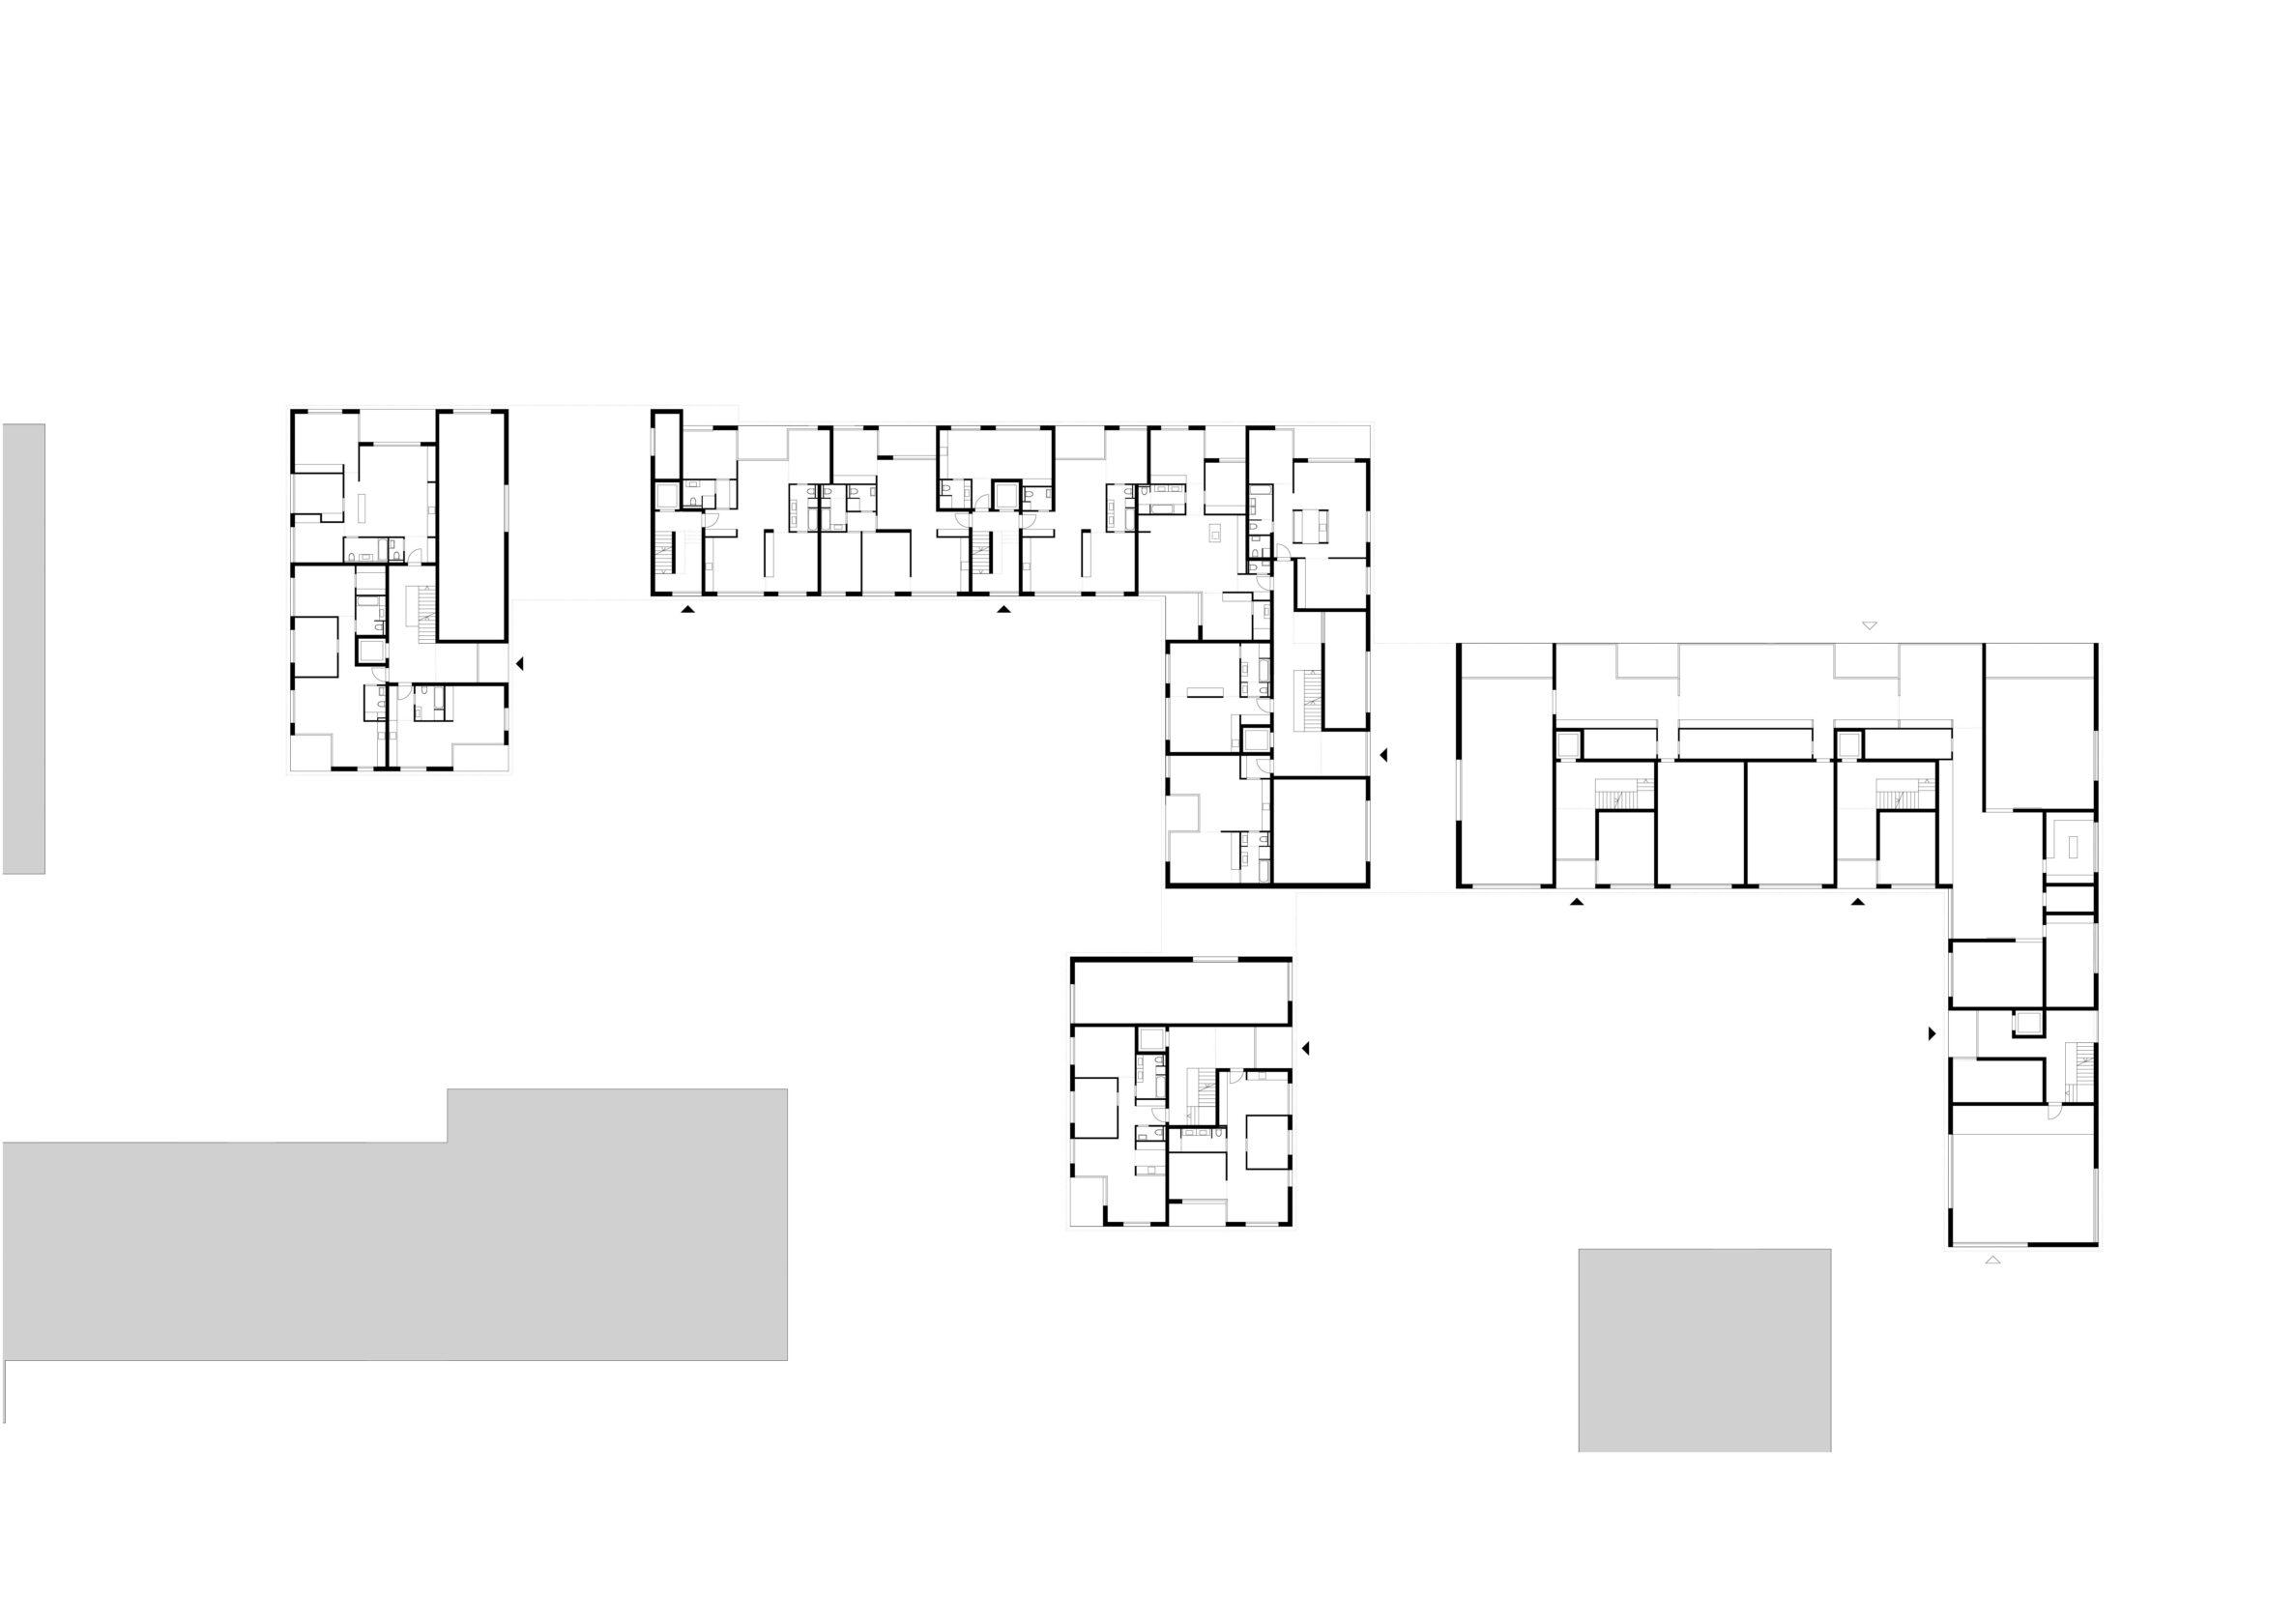 Grundriss Städtebau München Wohnungsbau dreisterneplus